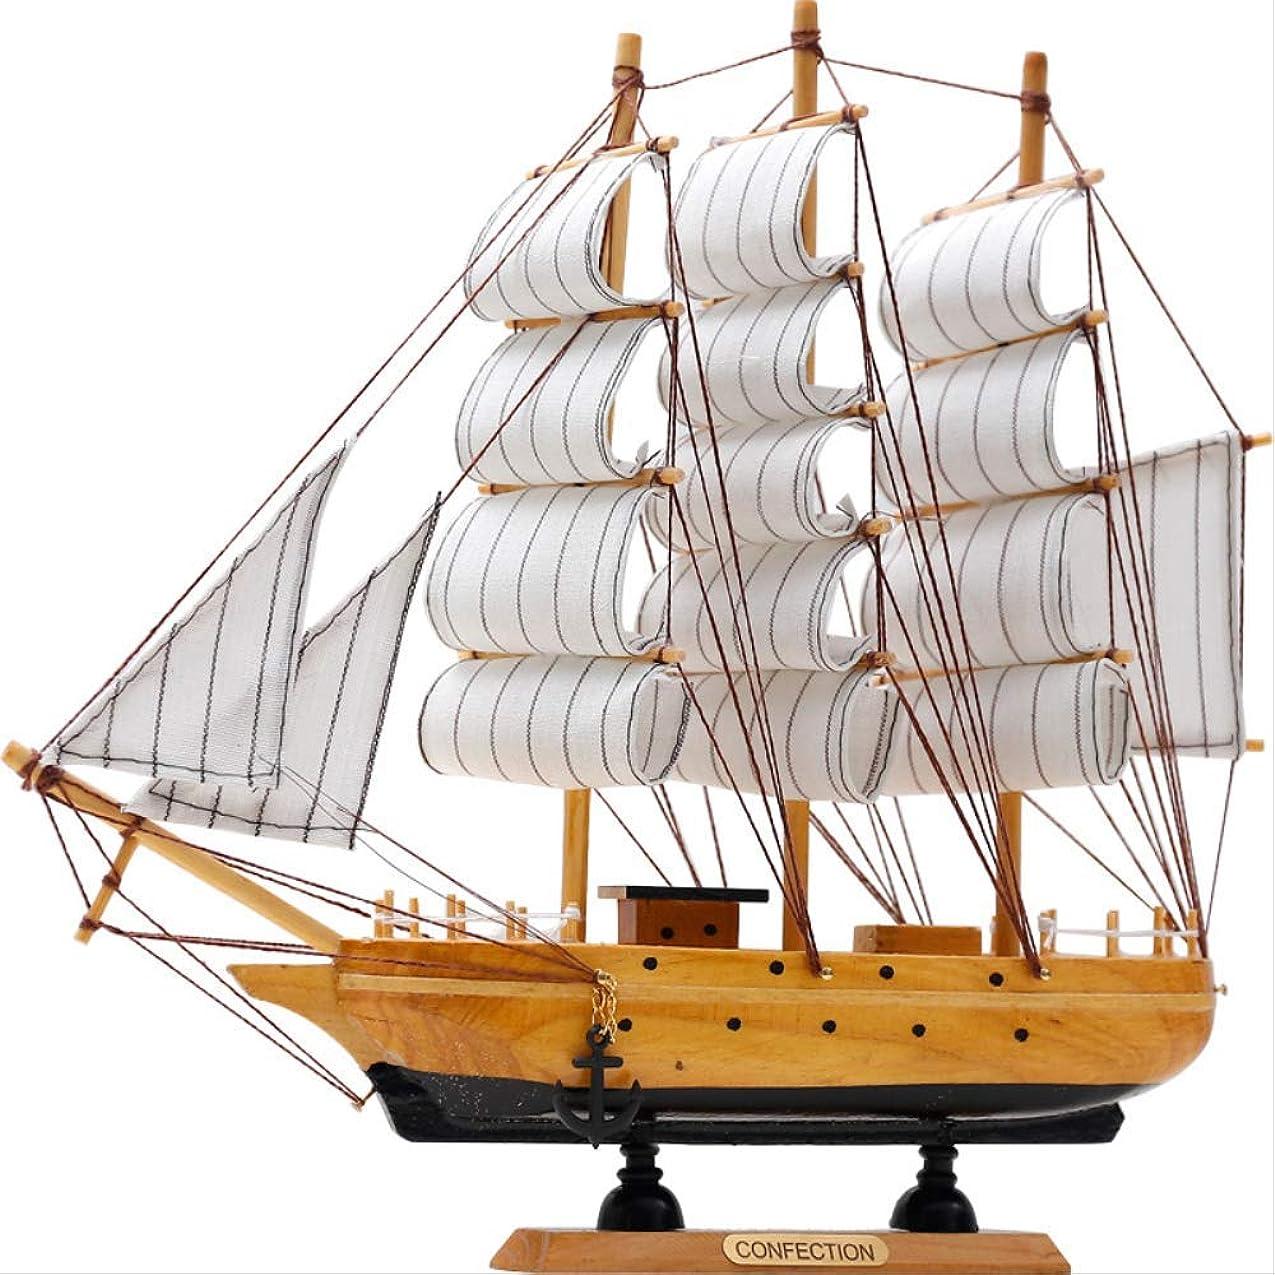 馬力定義するダニ装飾品置物ギフト室内装飾 地中海木製工芸品ヴィンテージシミュレーションヨットモデル船ホームオフィスデスクトップ装飾ギフト